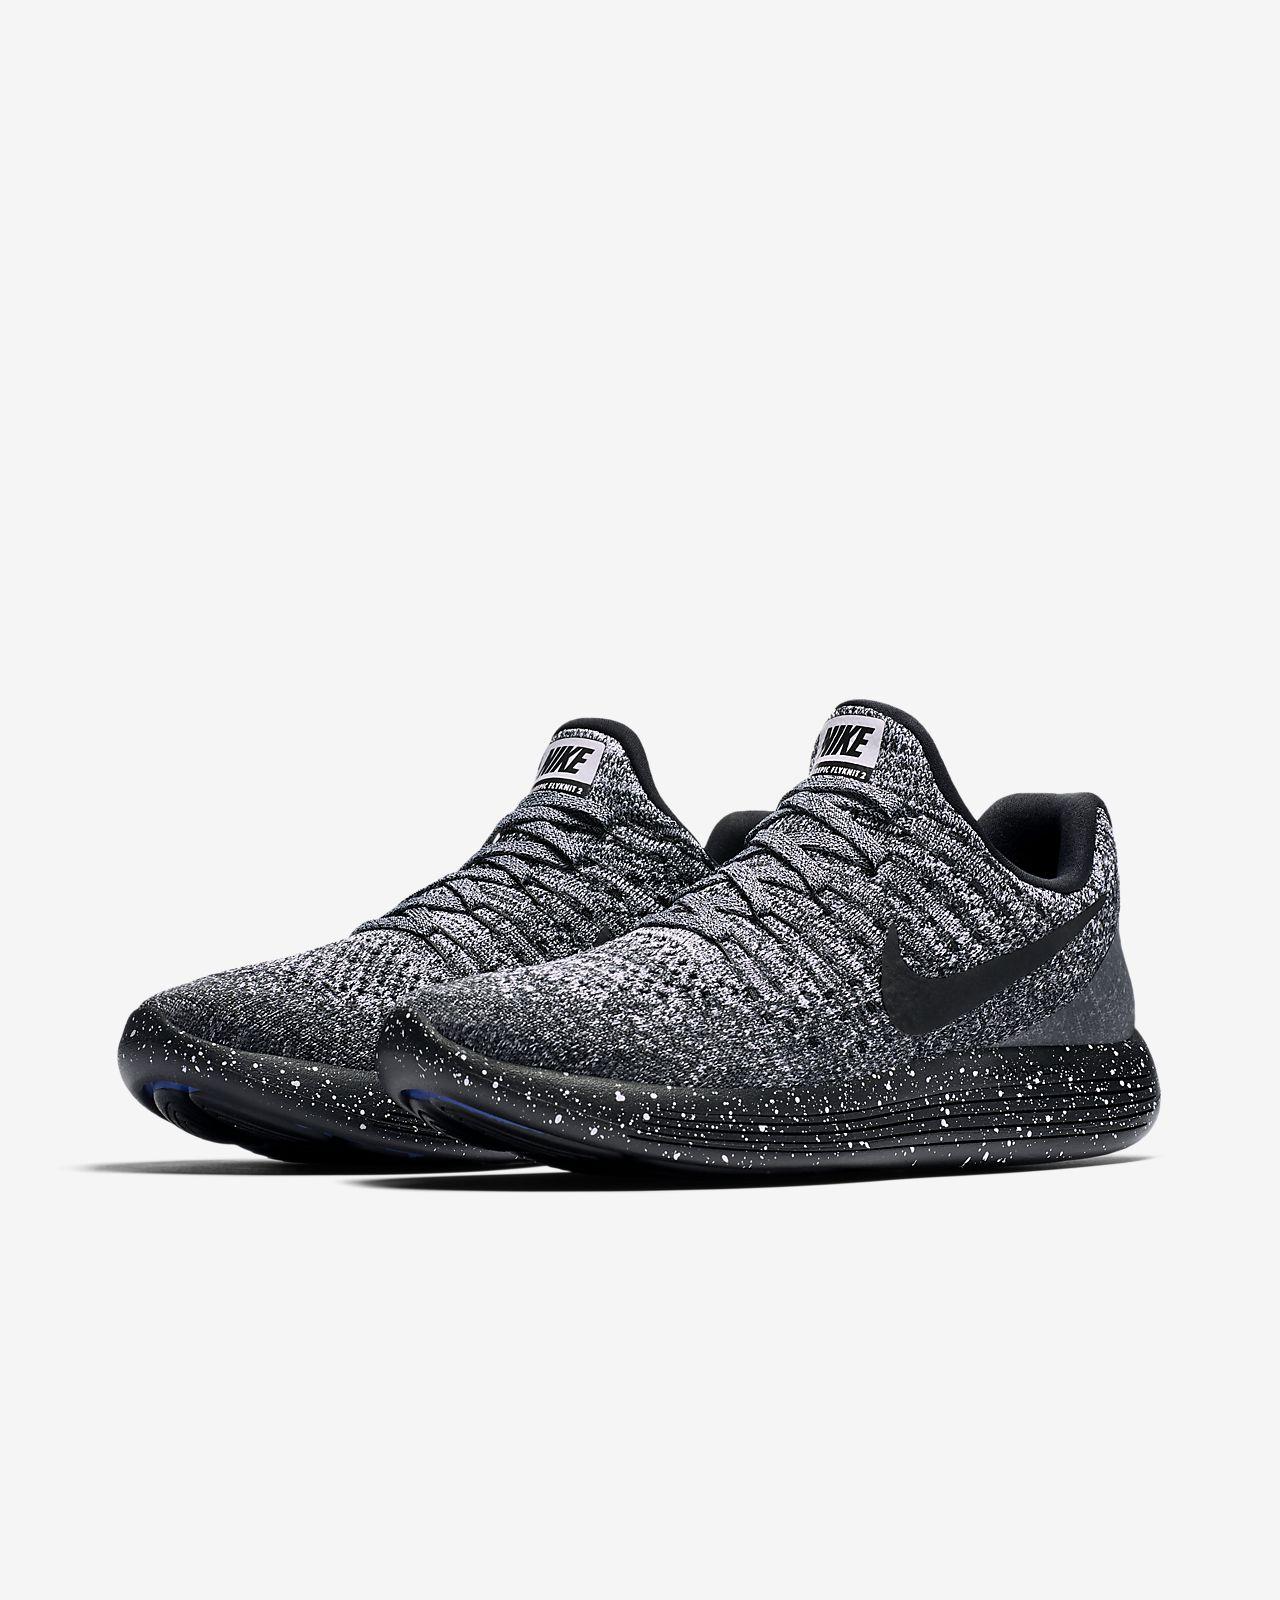 ... Nike LunarEpic Low Flyknit 2 Women's Running Shoe